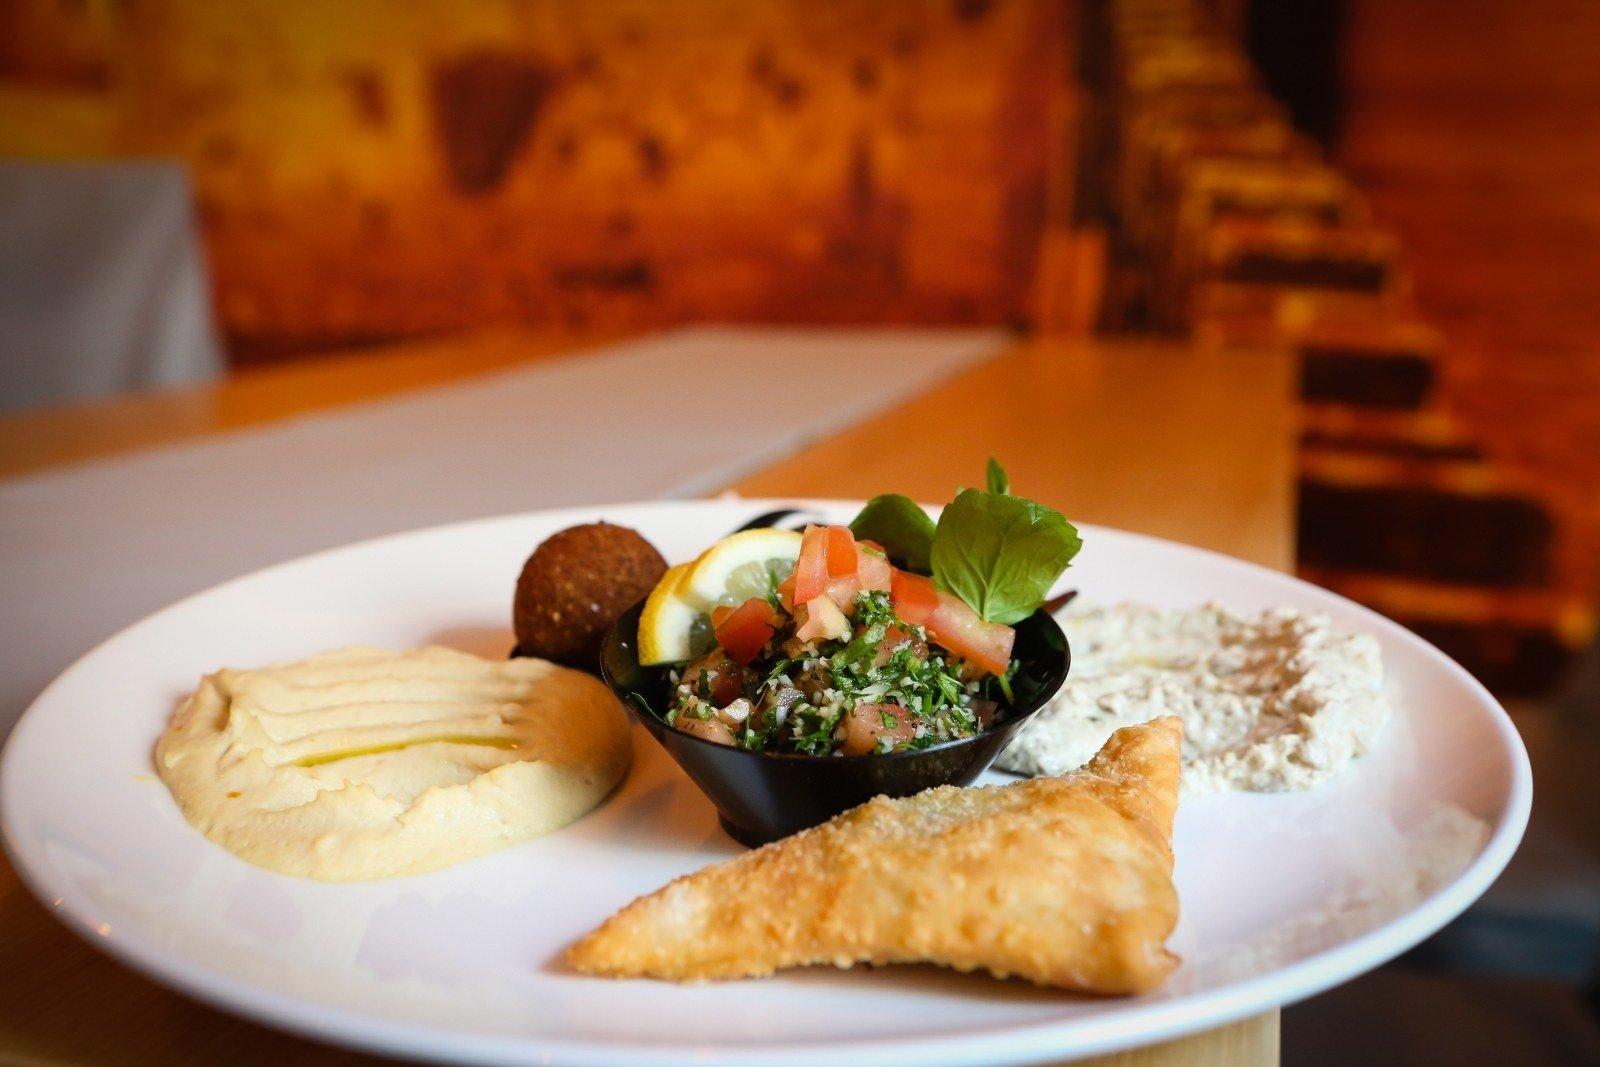 Strefa Smaku Kuchnia Bliskiego Wschodu Na Wyciągnięcie Ręki